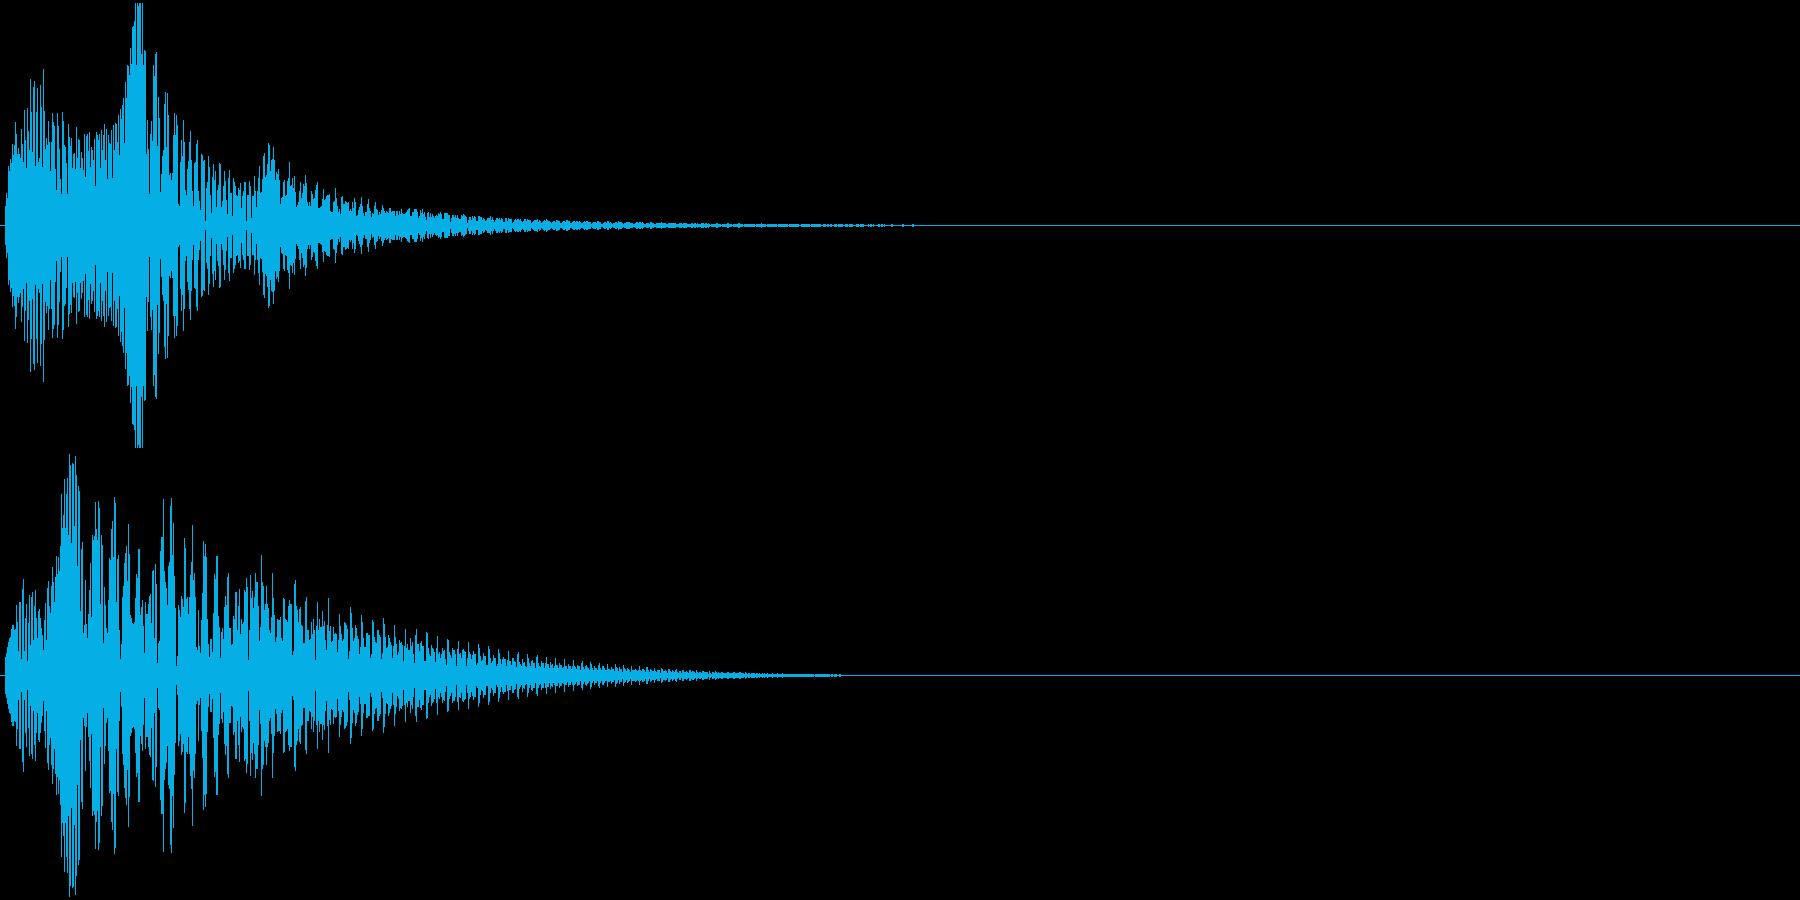 Baby 幼児玩具向け可愛い電子音9の再生済みの波形